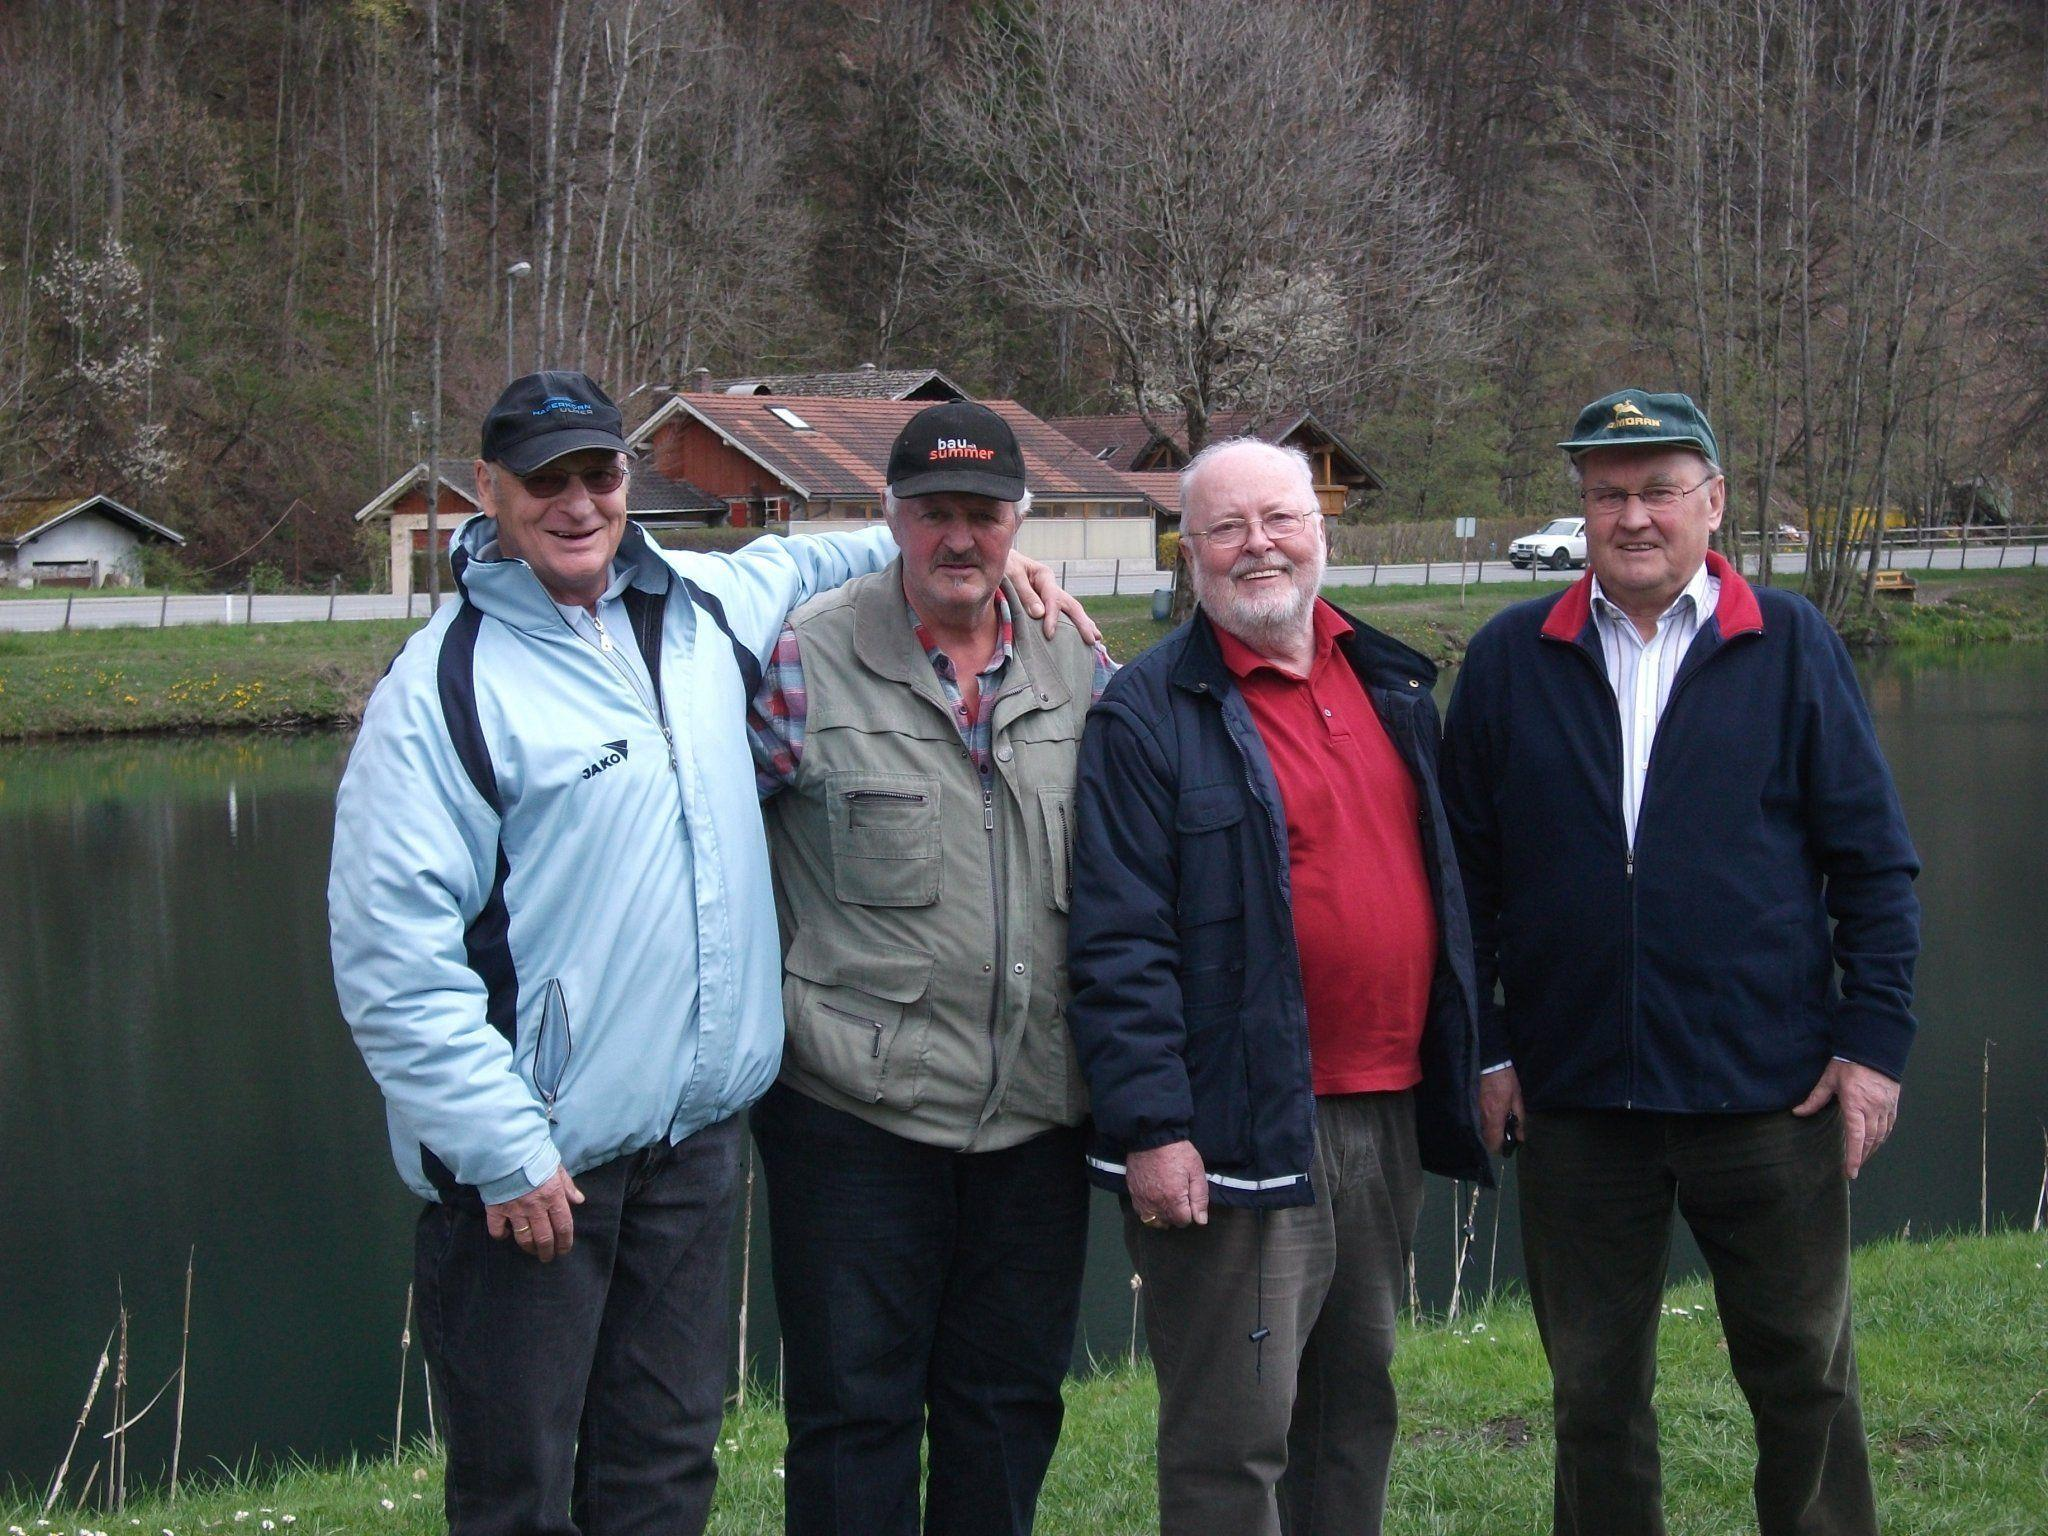 PVÖ-Fischer: Beim Erstausflug wurden Freundschaften geschlossen